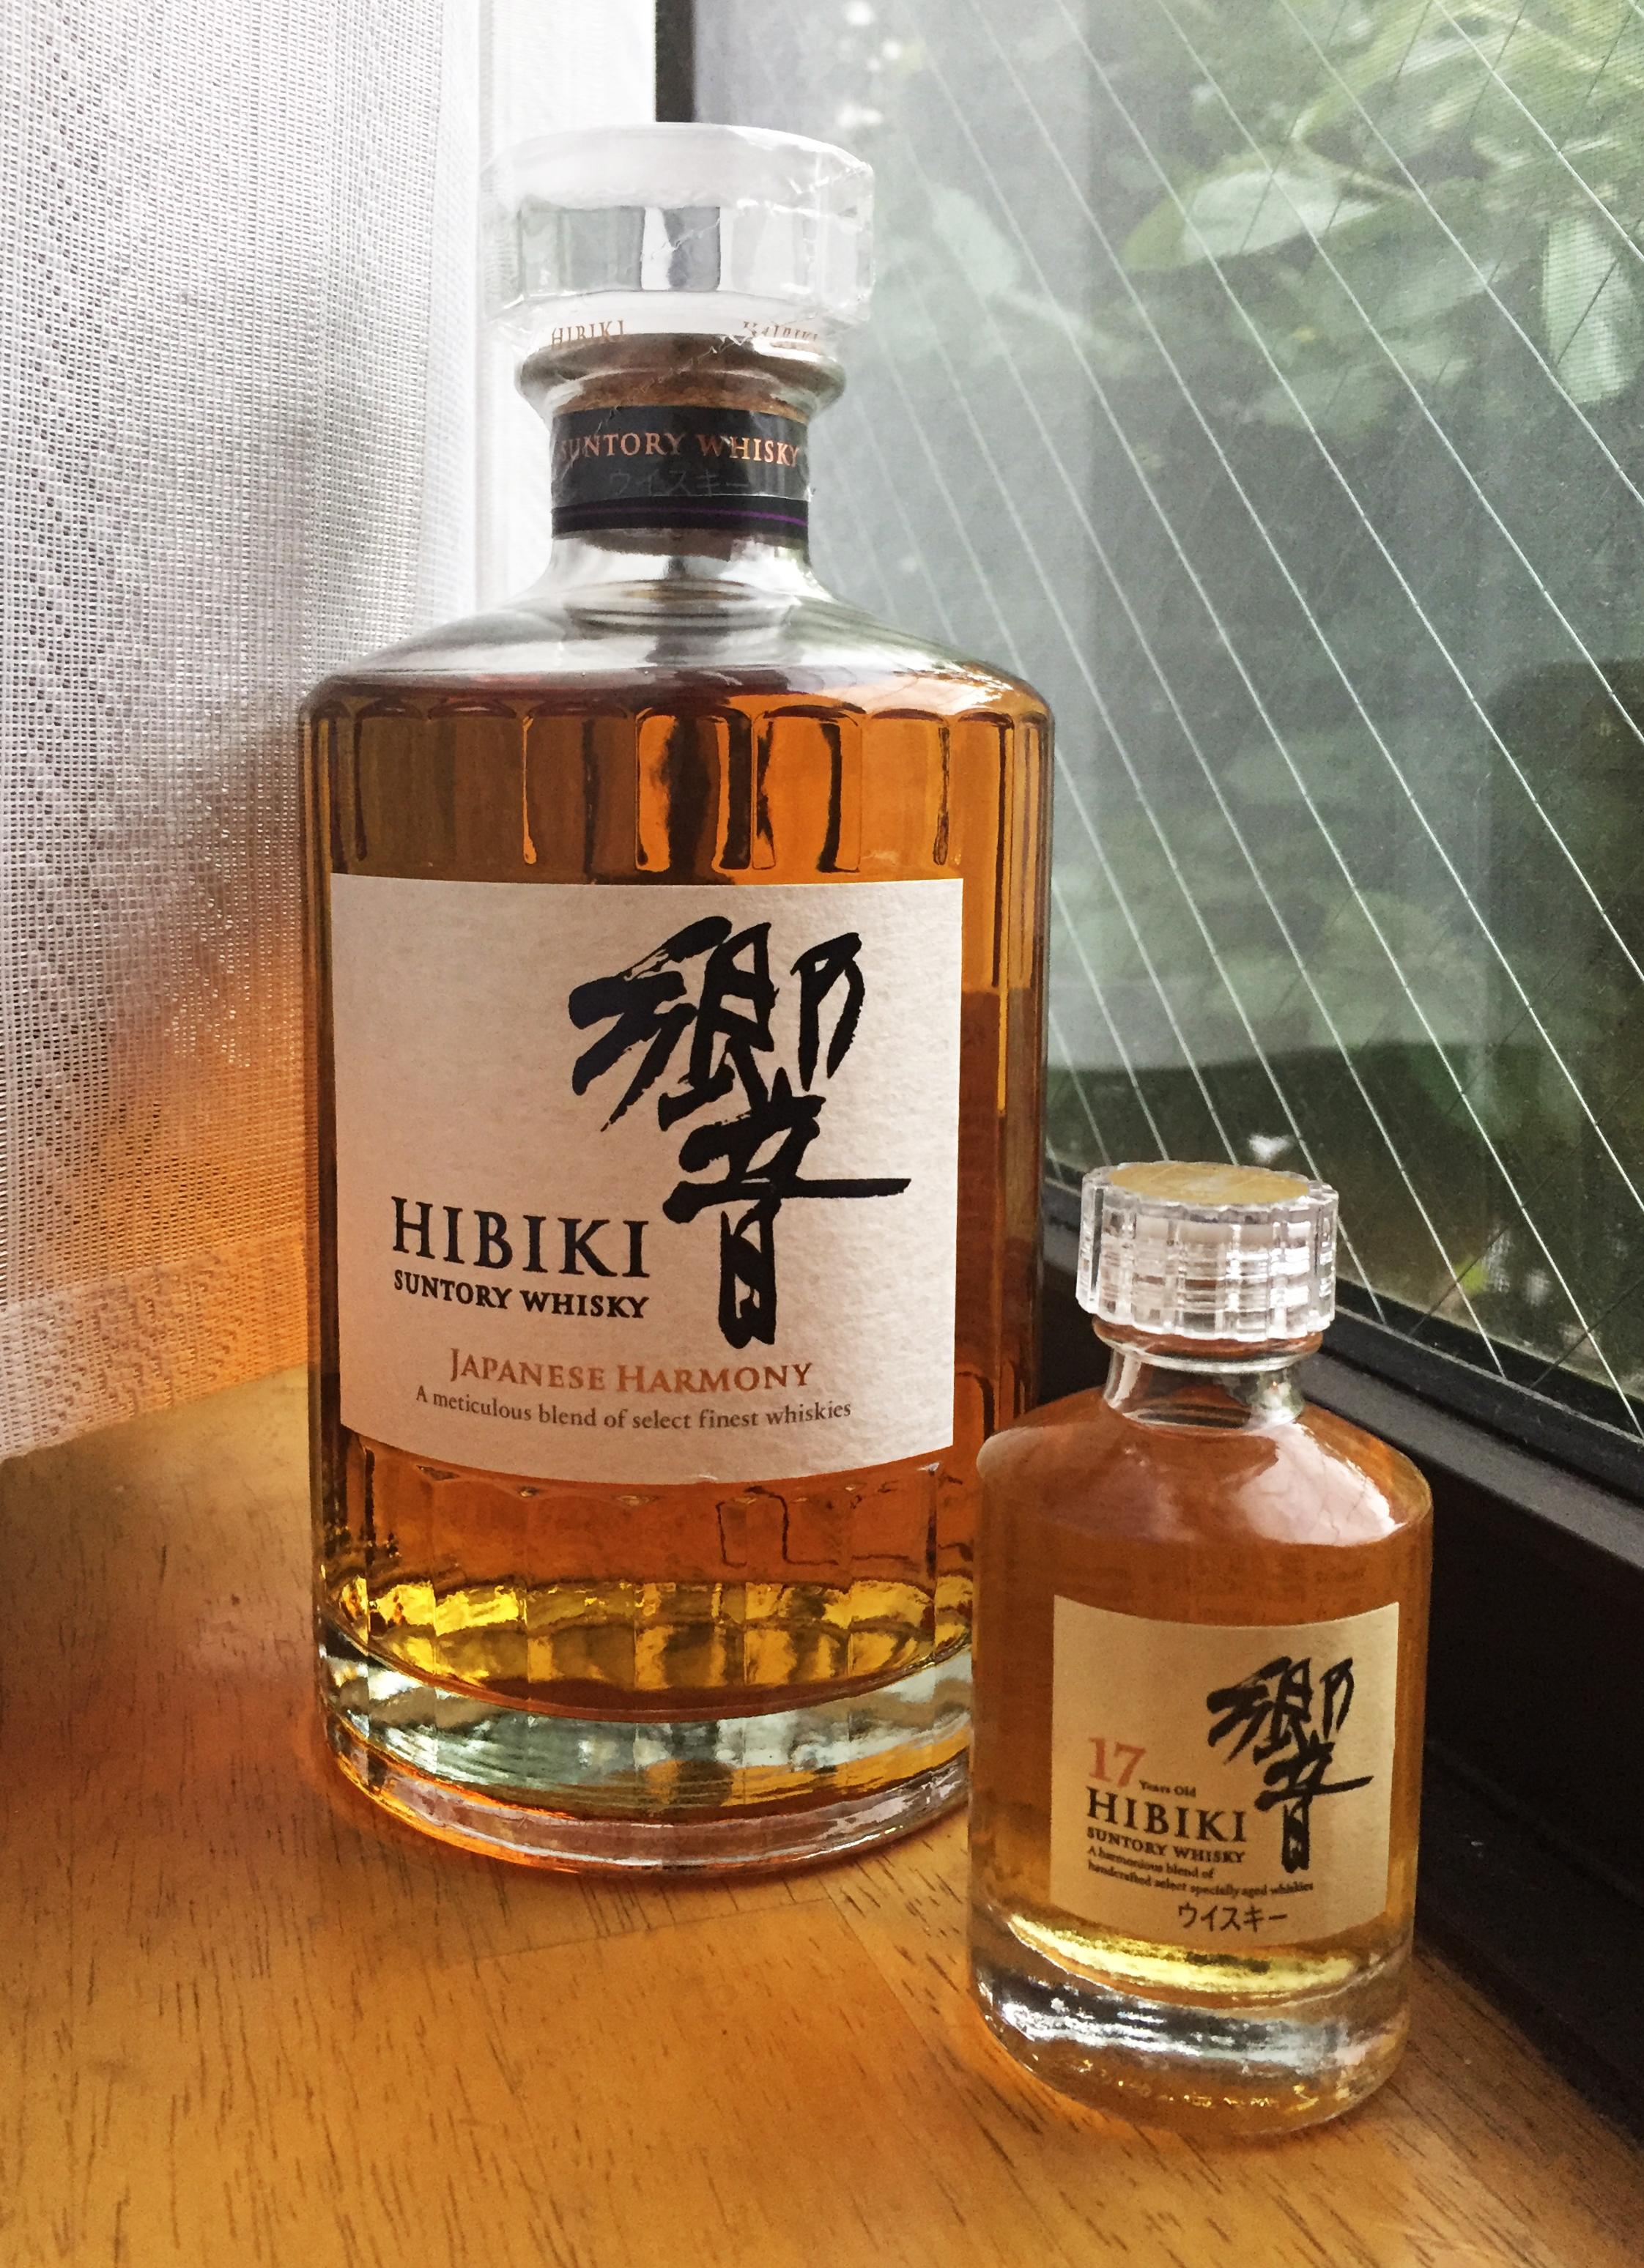 Blended Whisky - Hibiki